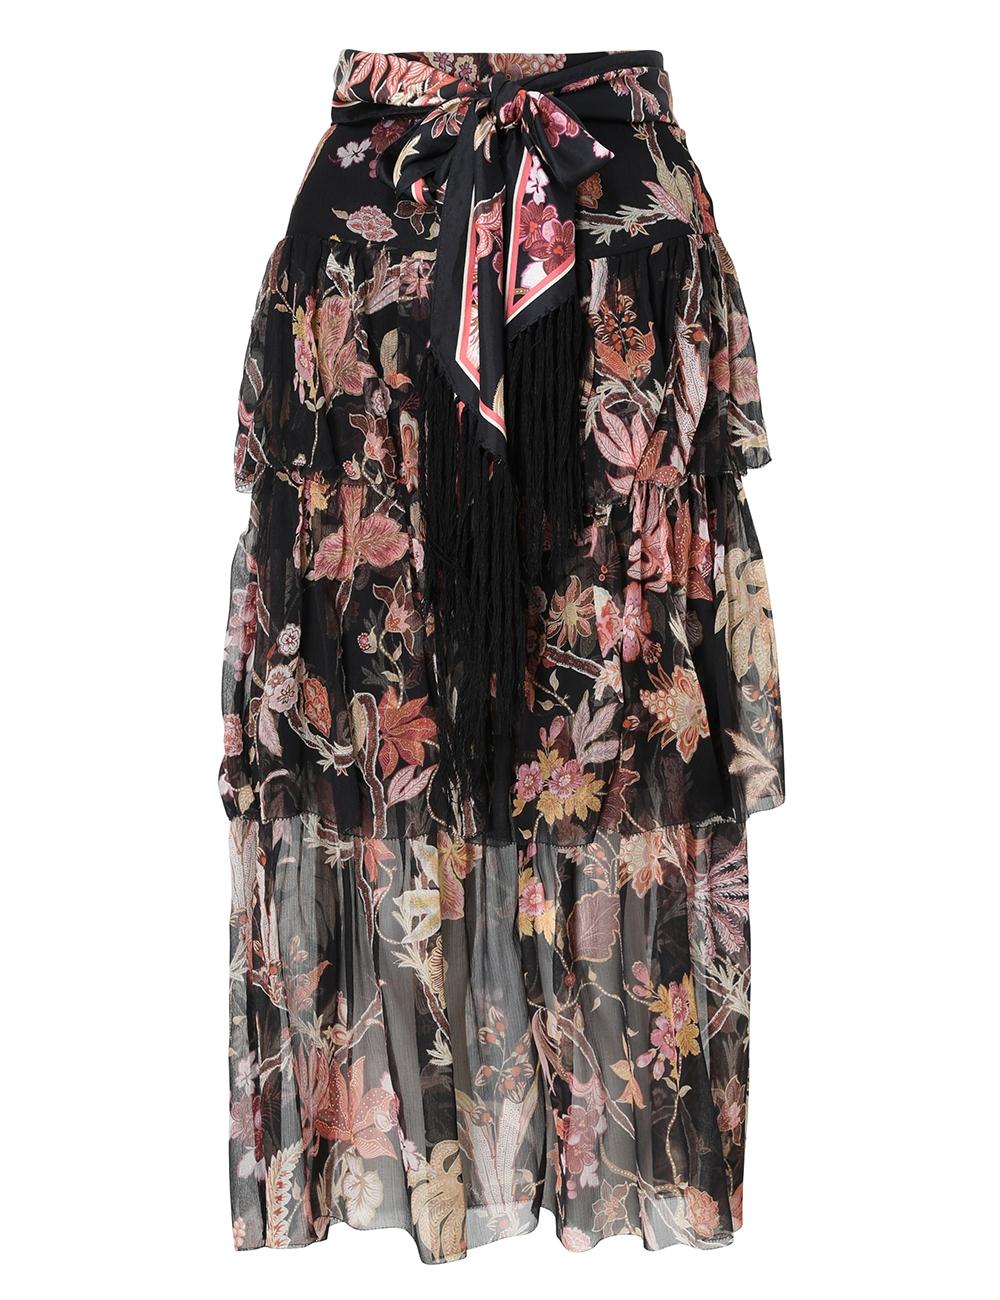 Wavelength Fluted Skirt